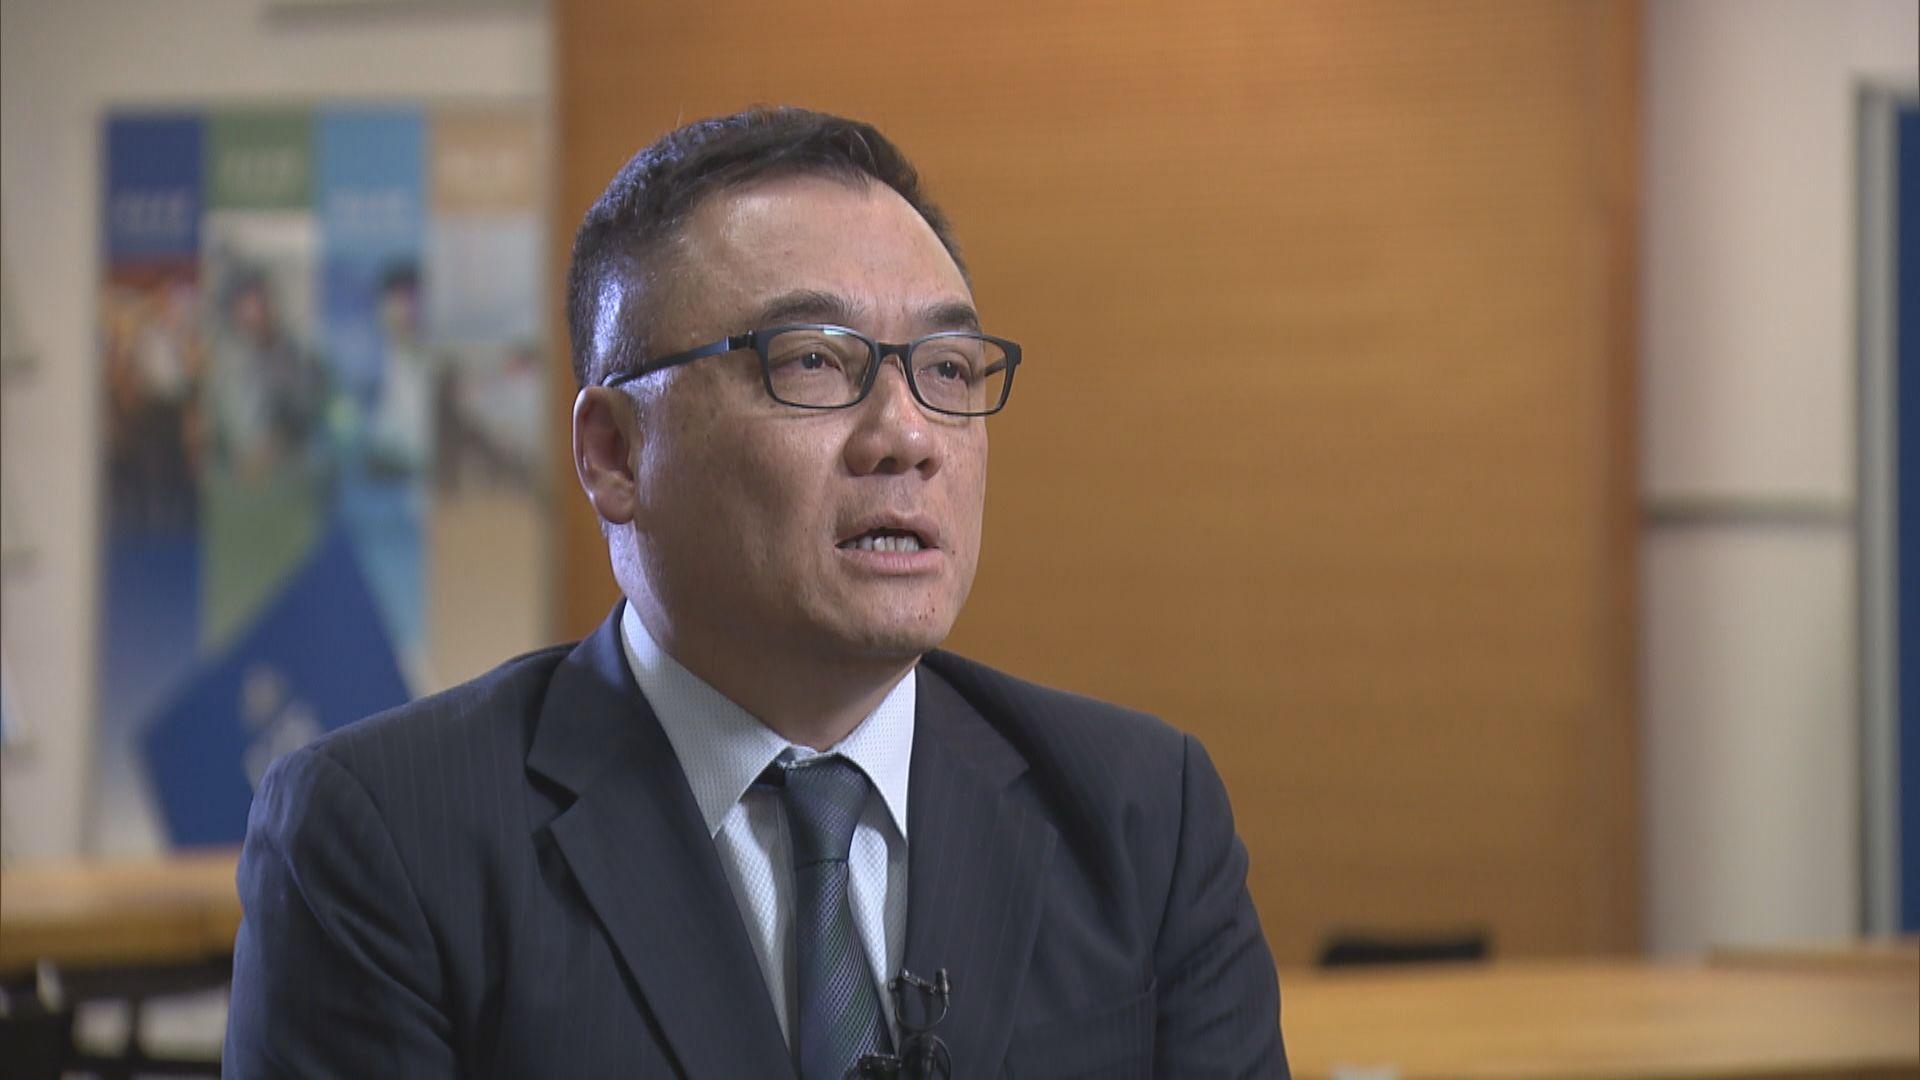 李桂華指反修例事件將有更多人被起訴 否認濫捕